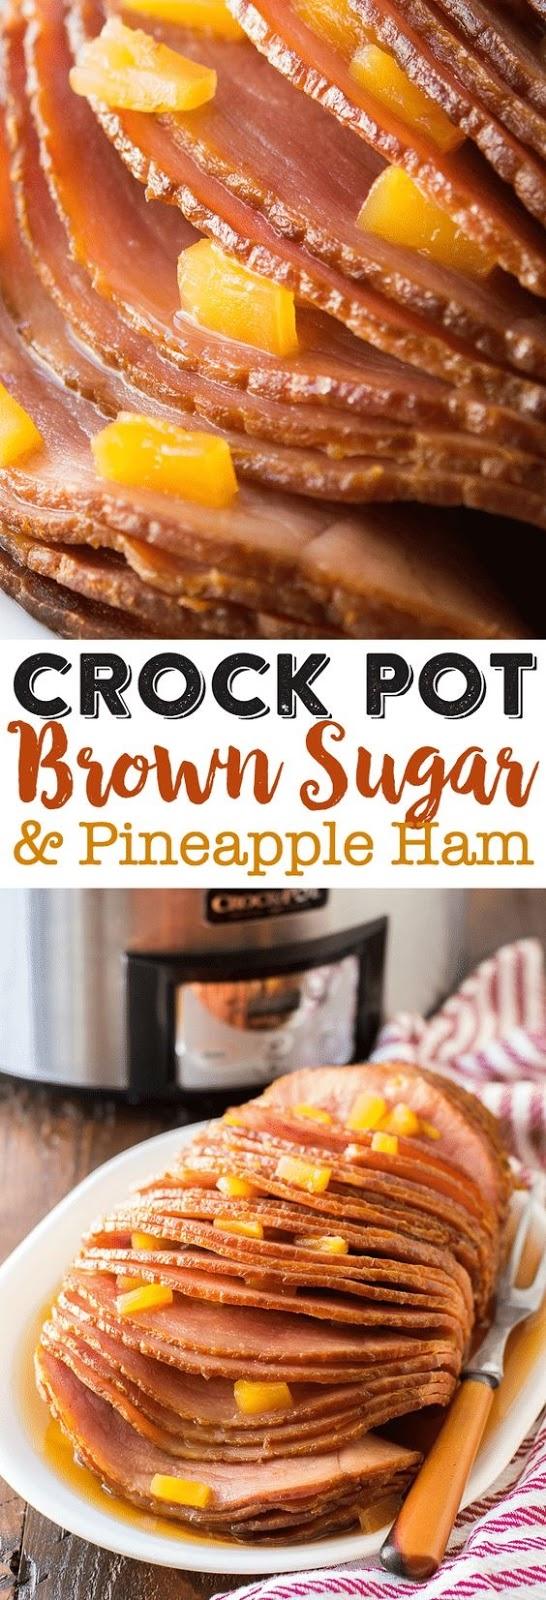 Crock Pot Brown Sugar Pineapple Ham Recipe